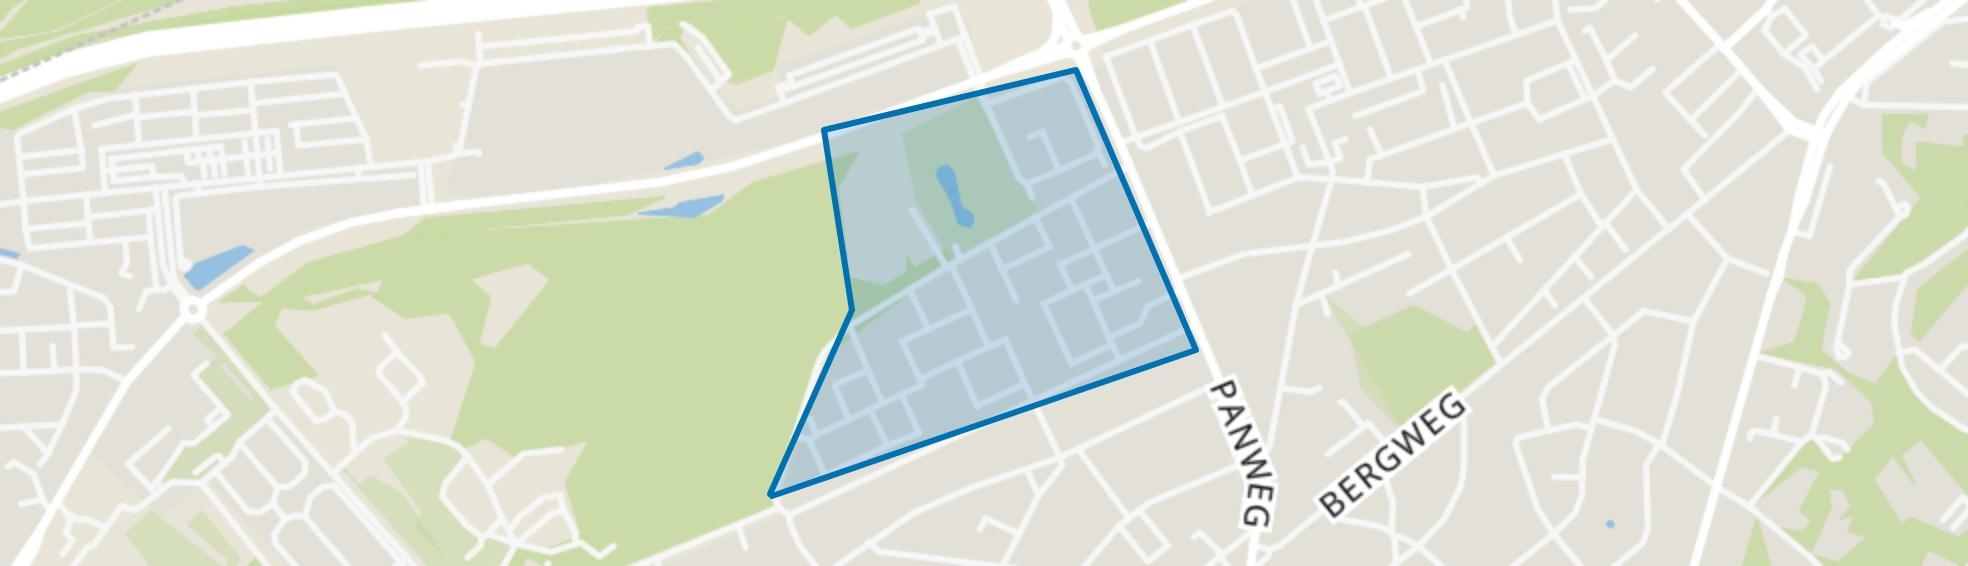 Staatsliedenkwartier, Zeist map